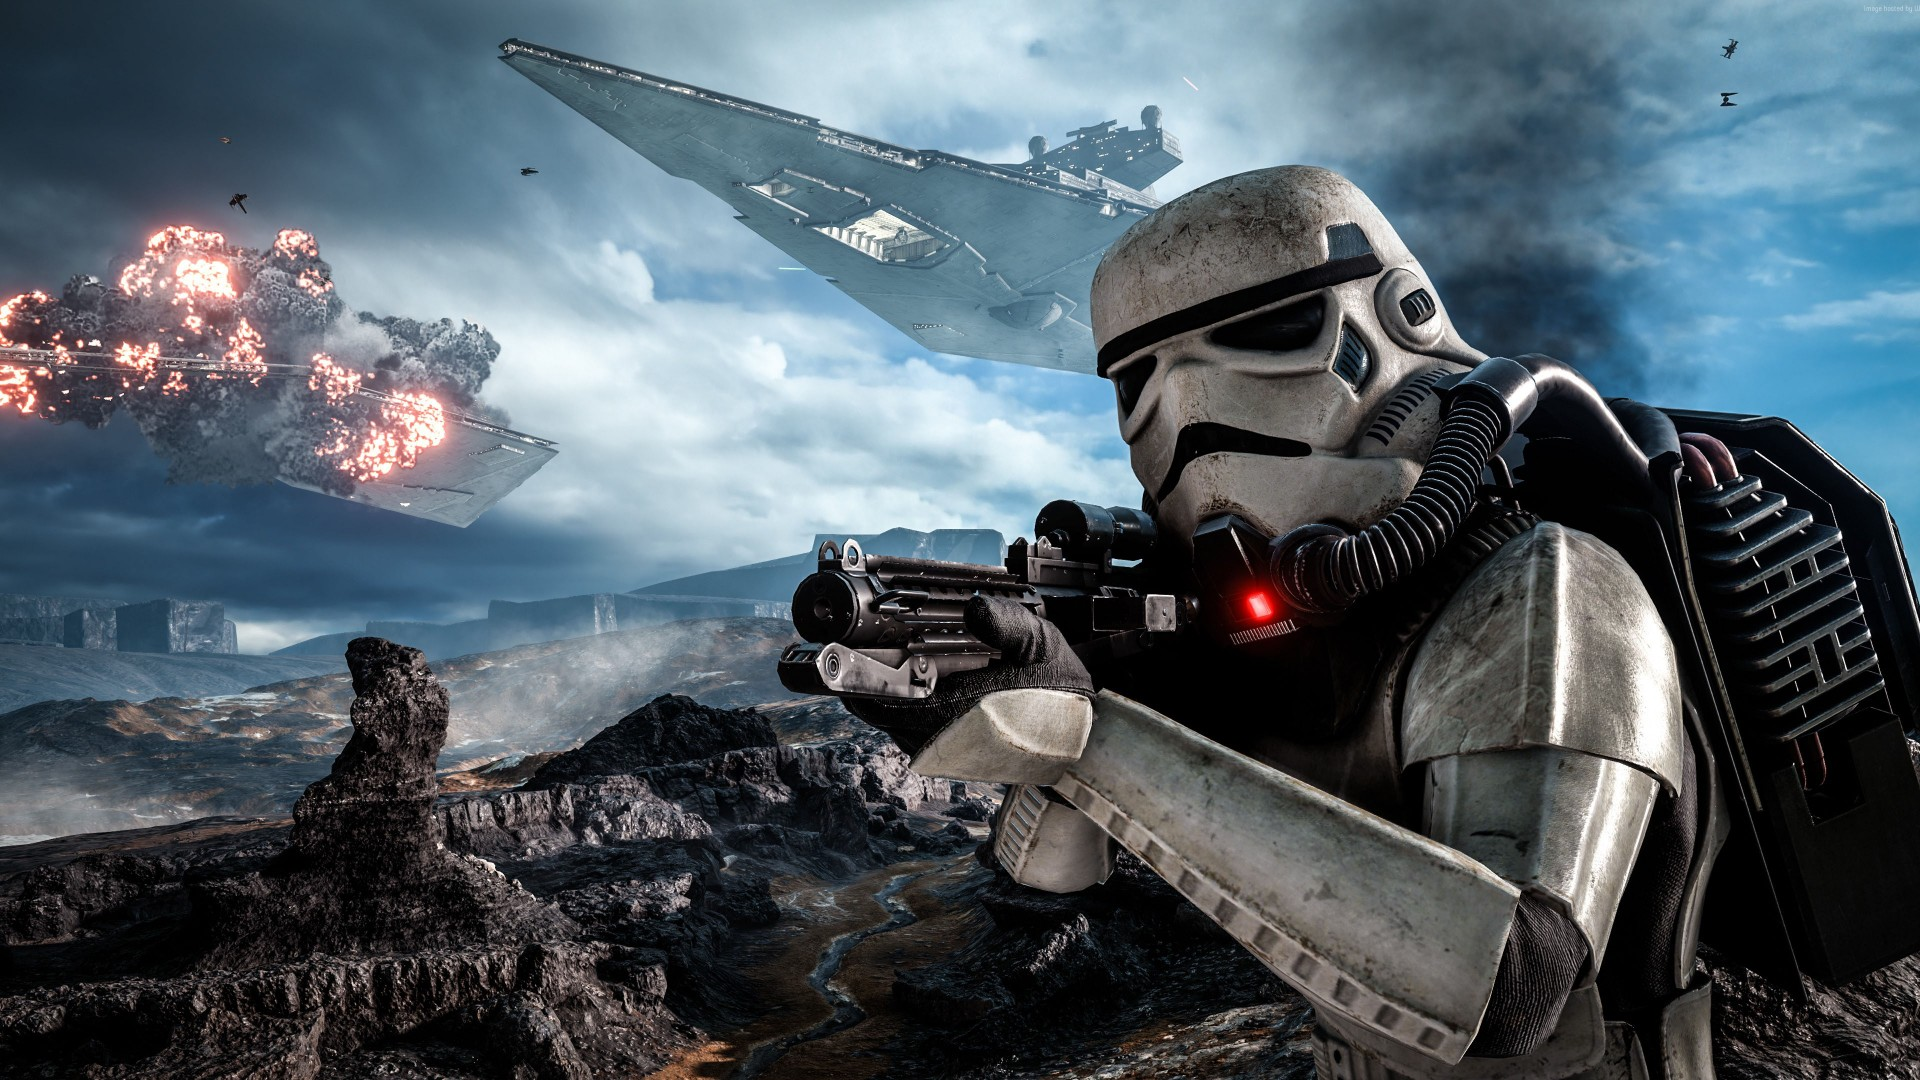 Star Wars Battlefront Art 2 1920x1080 1080p Wallpaper